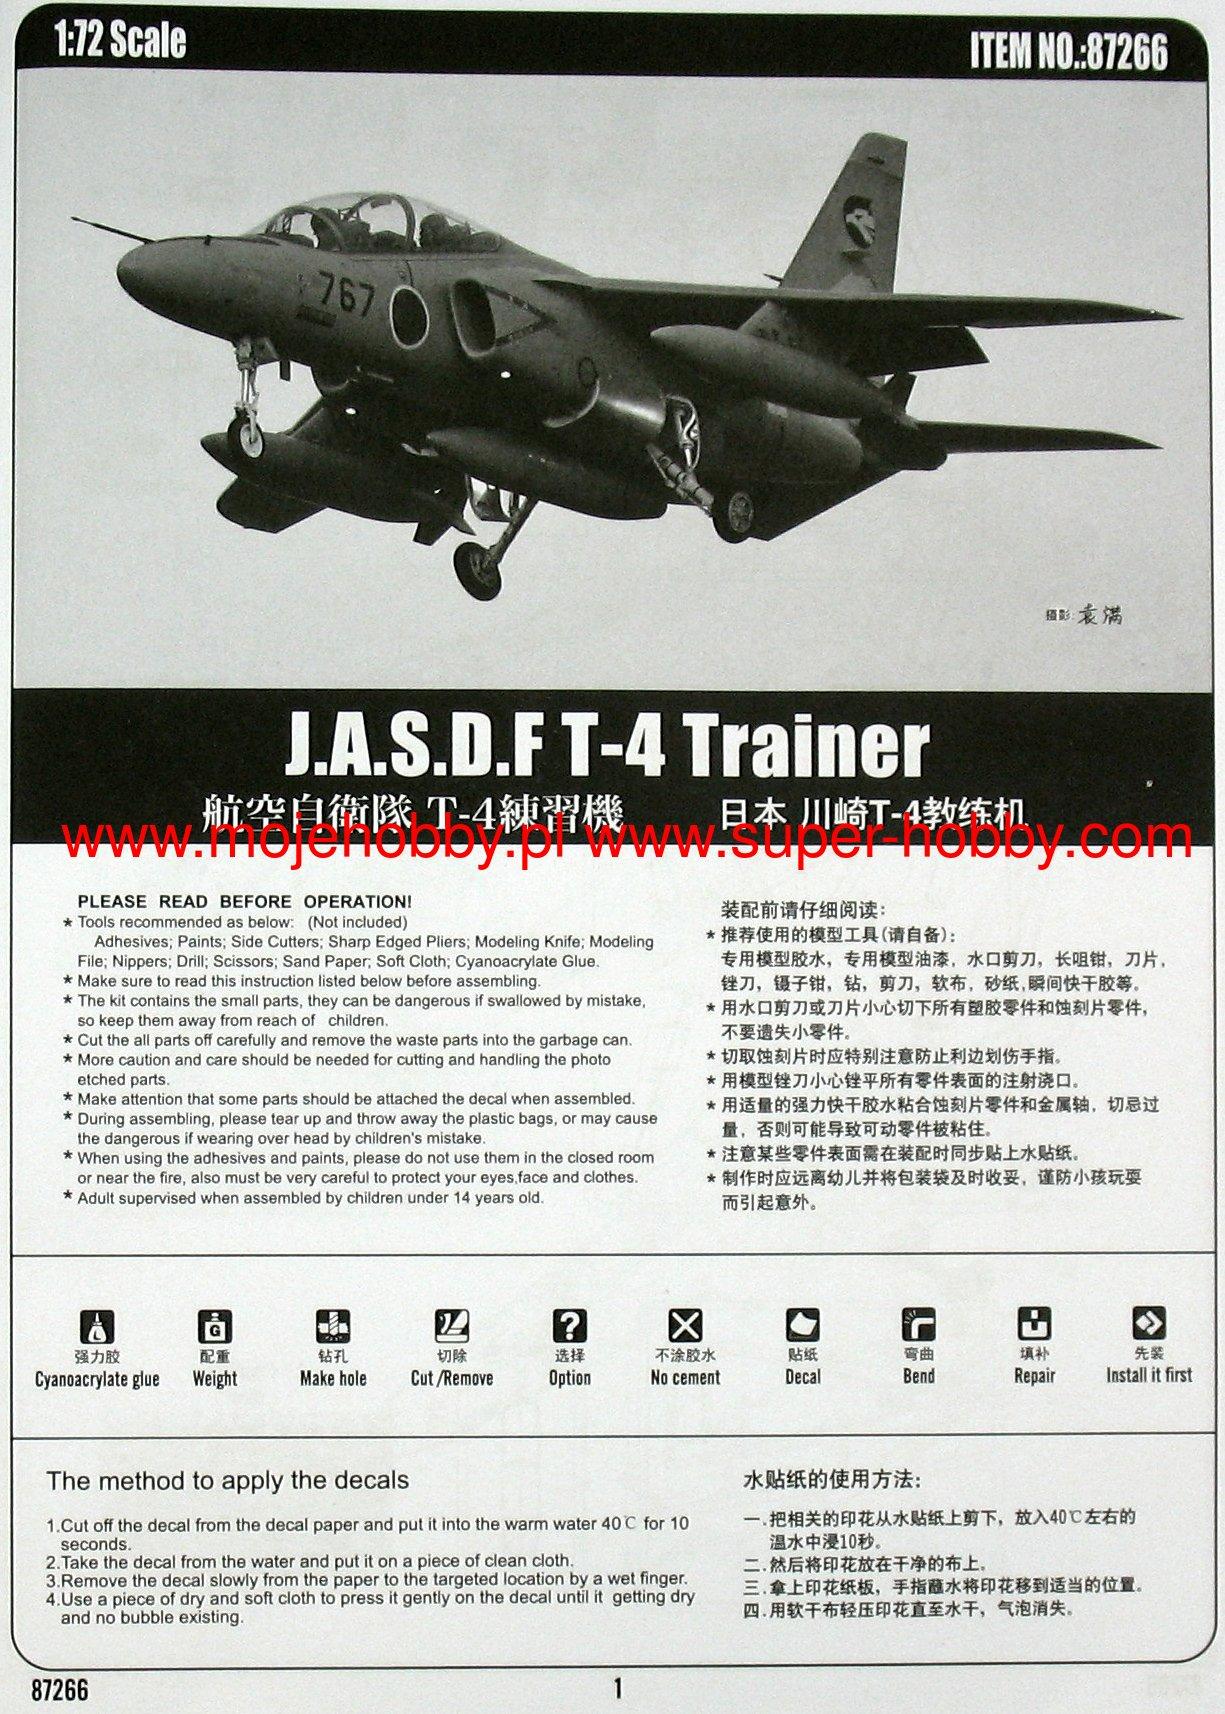 HobbyBoss 87266 1:72nd échelle J.A.S.D.F T-4 Trainer